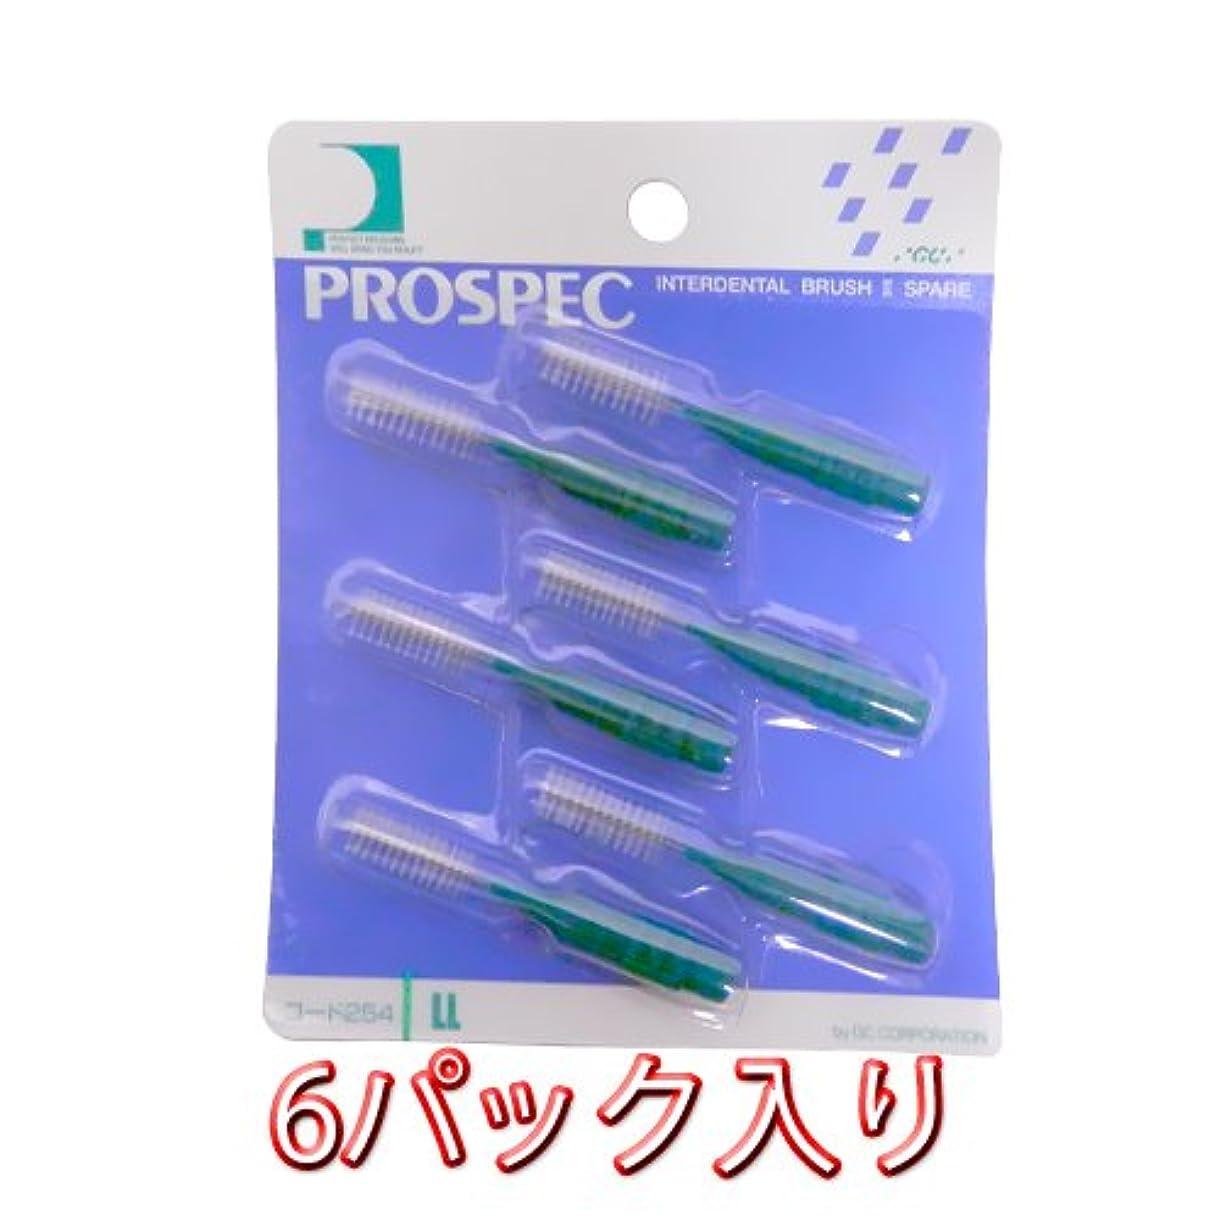 暴動暗殺する急襲プロスペック 歯間ブラシ 2スペアー ブラシのみ6本入 × 6パック LL グリーン